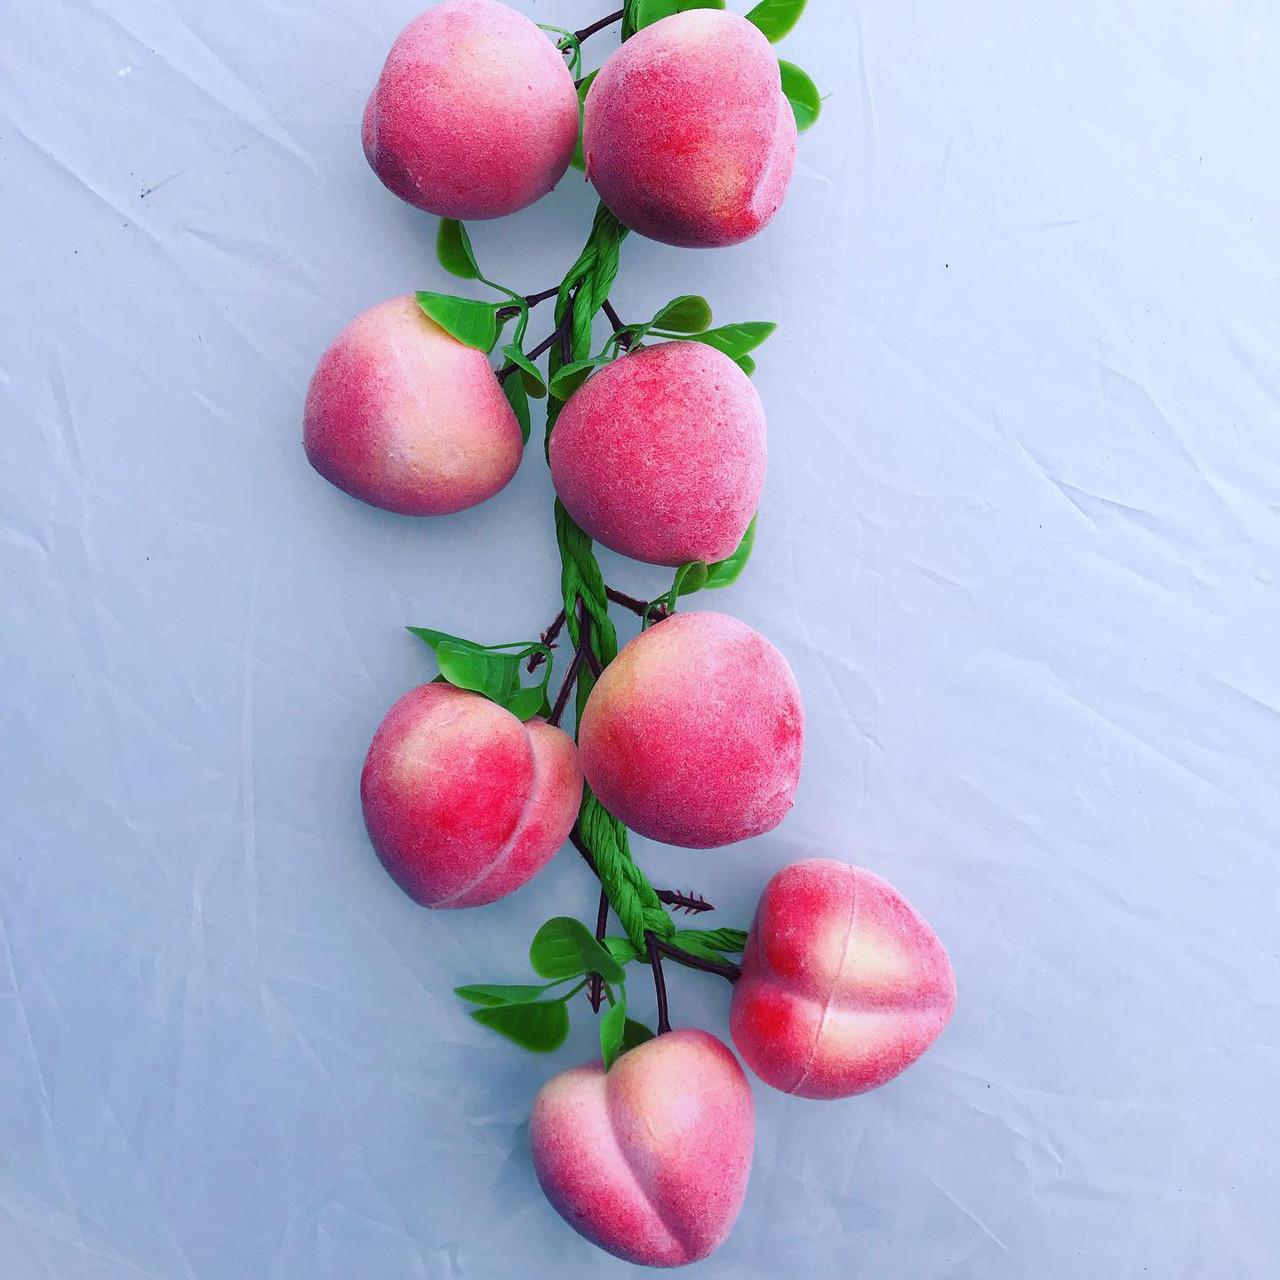 Муляж персиков.Вязка персиков.